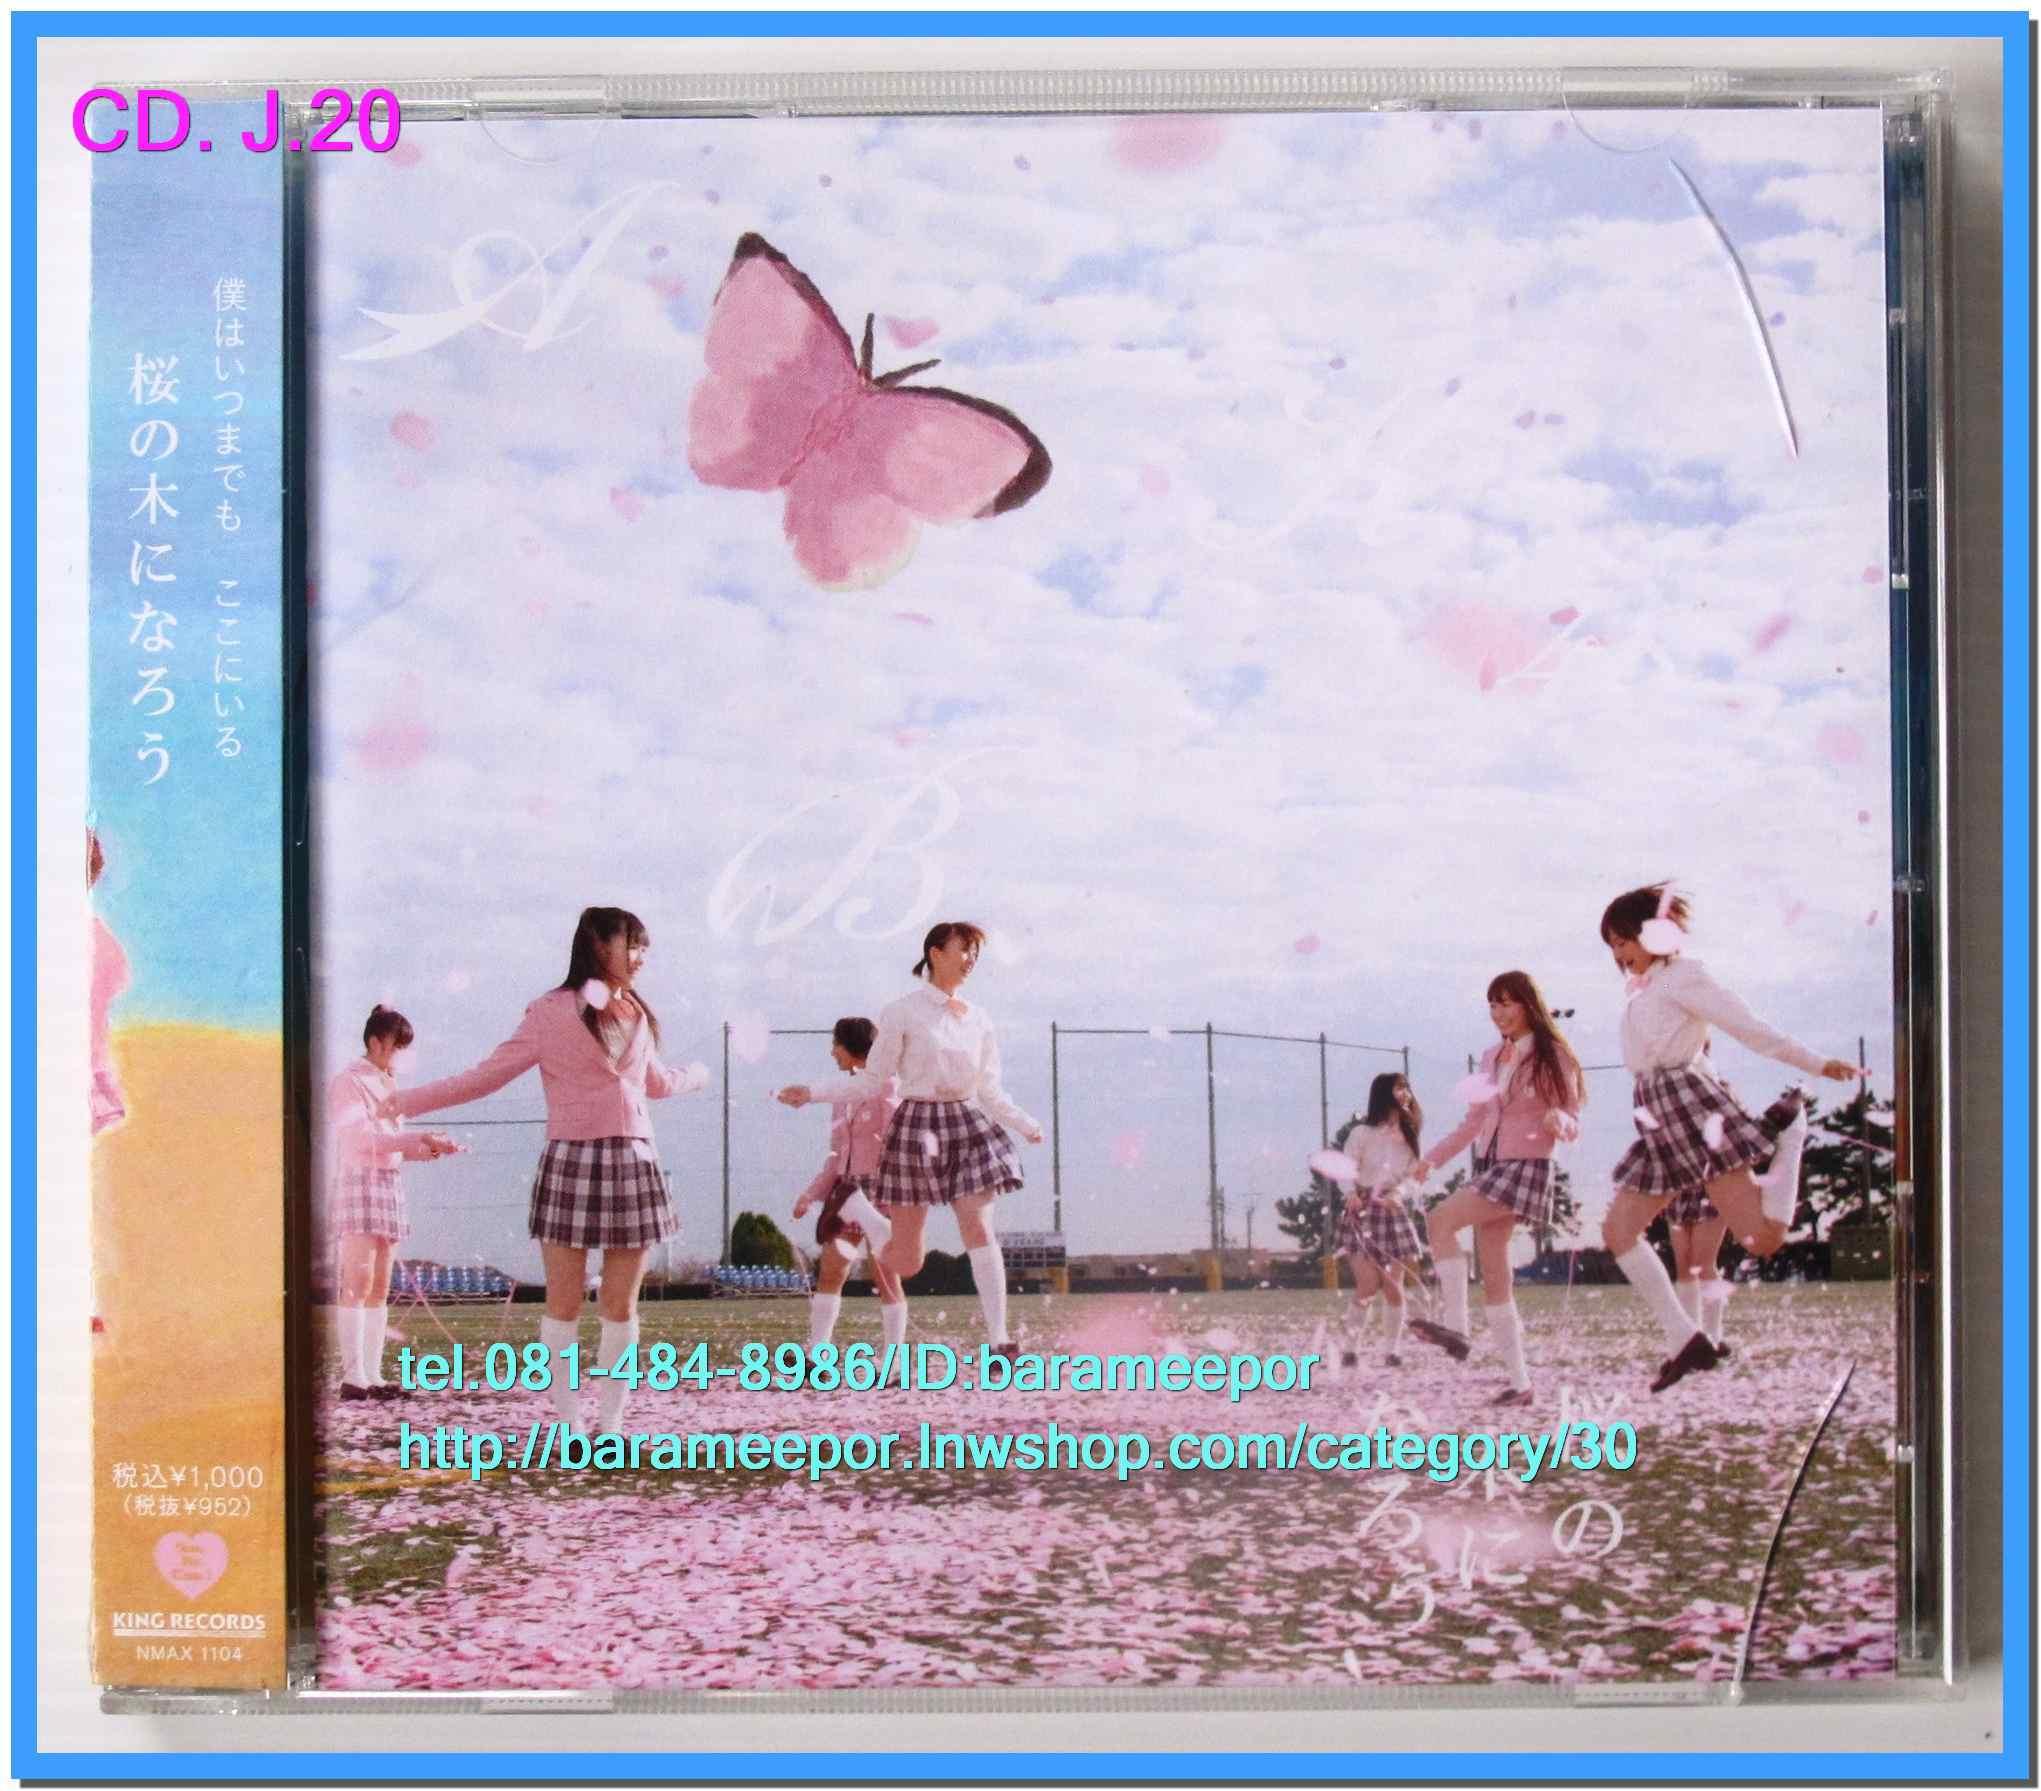 ซีดี.เพลงญี่ปุ่น #AKB48